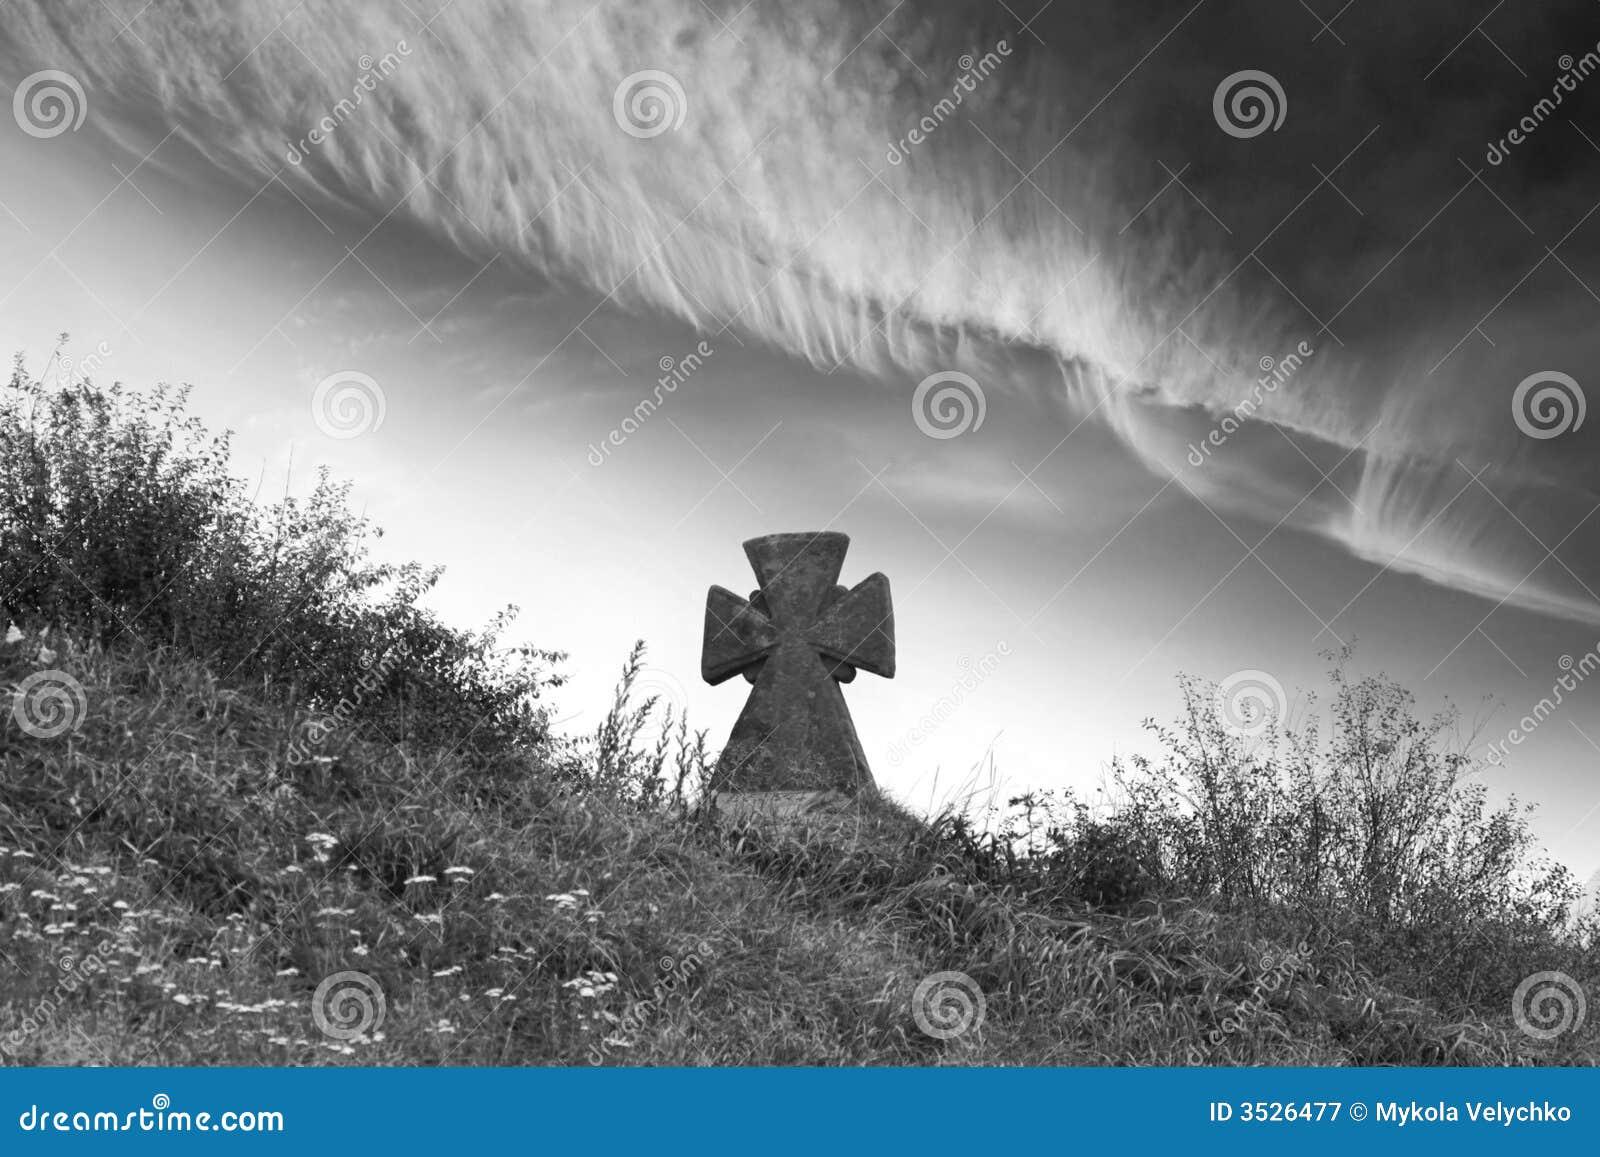 Clouds kyrkogården